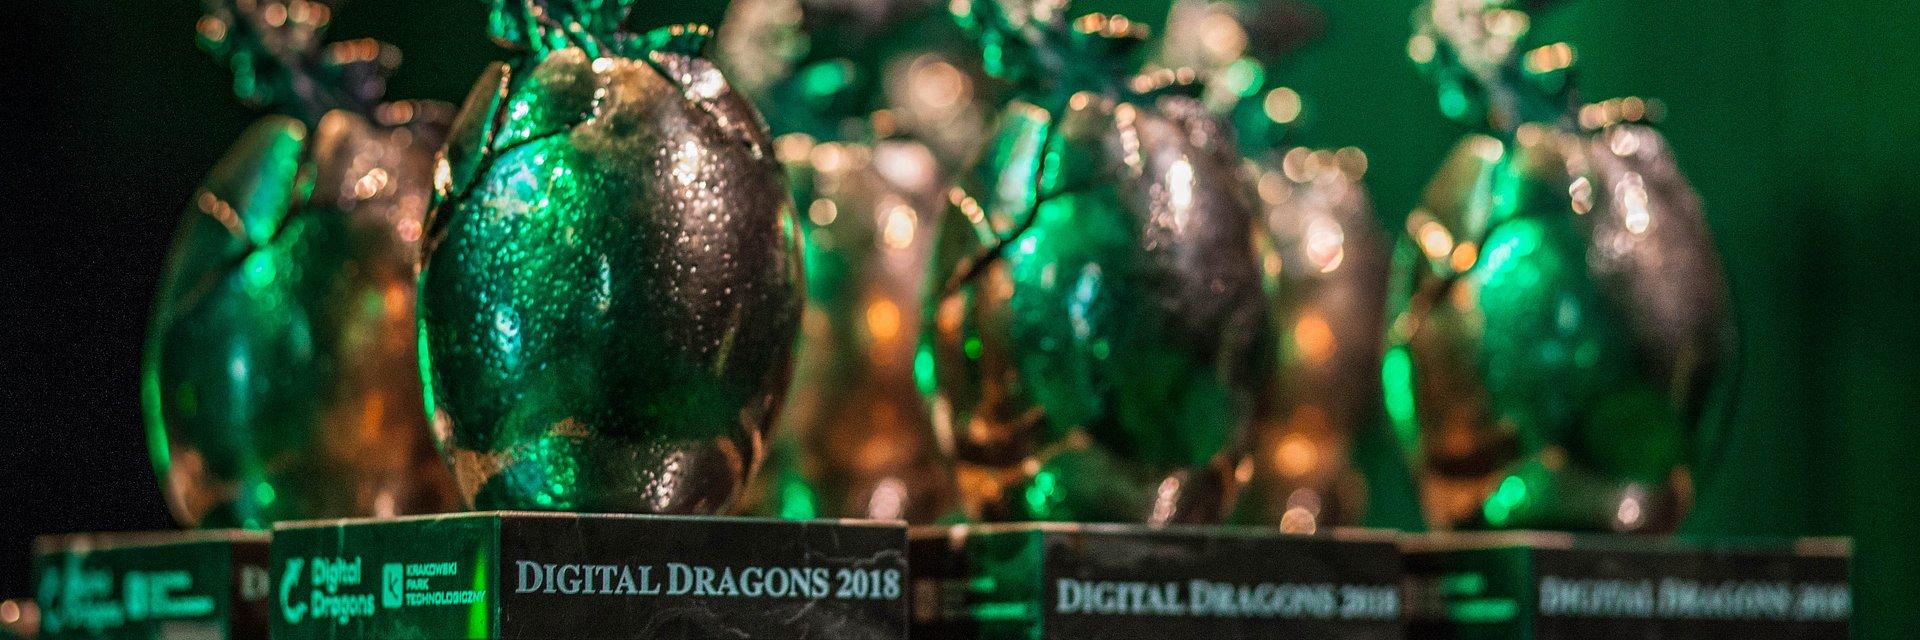 Poznaliśmy nominacje do Digital Dragons Awards 2019